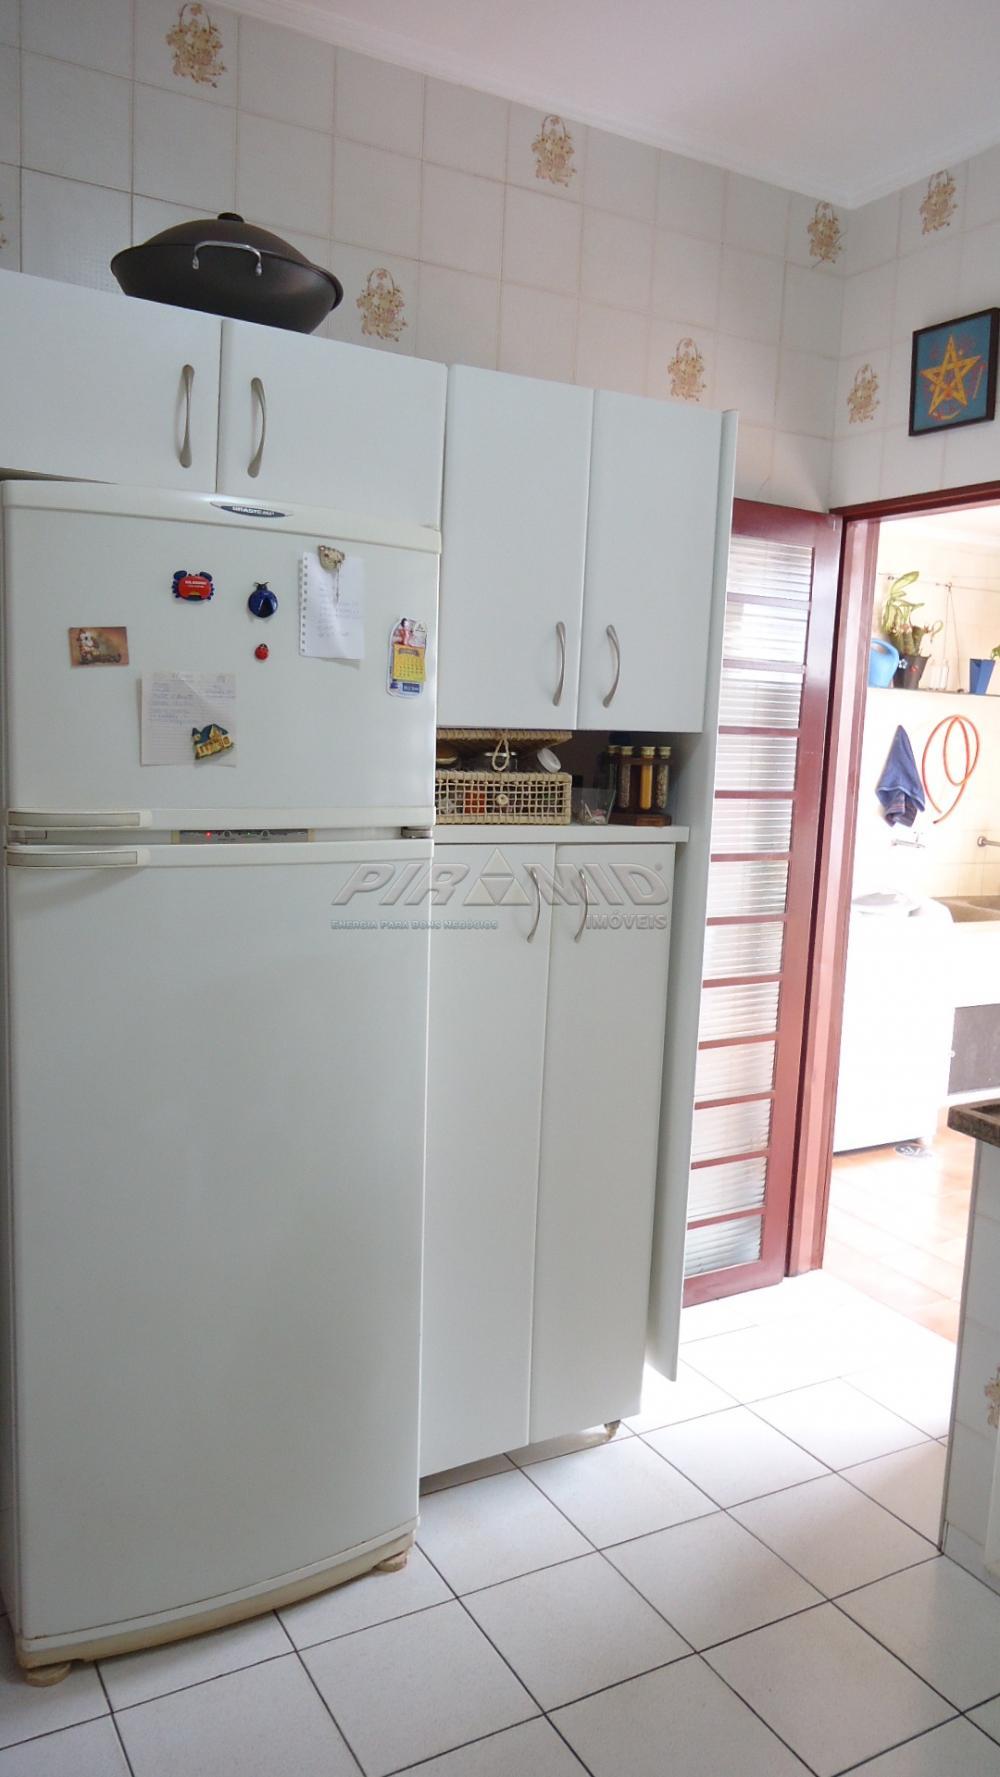 Alugar Casa / Padrão em Ribeirão Preto R$ 1.300,00 - Foto 12